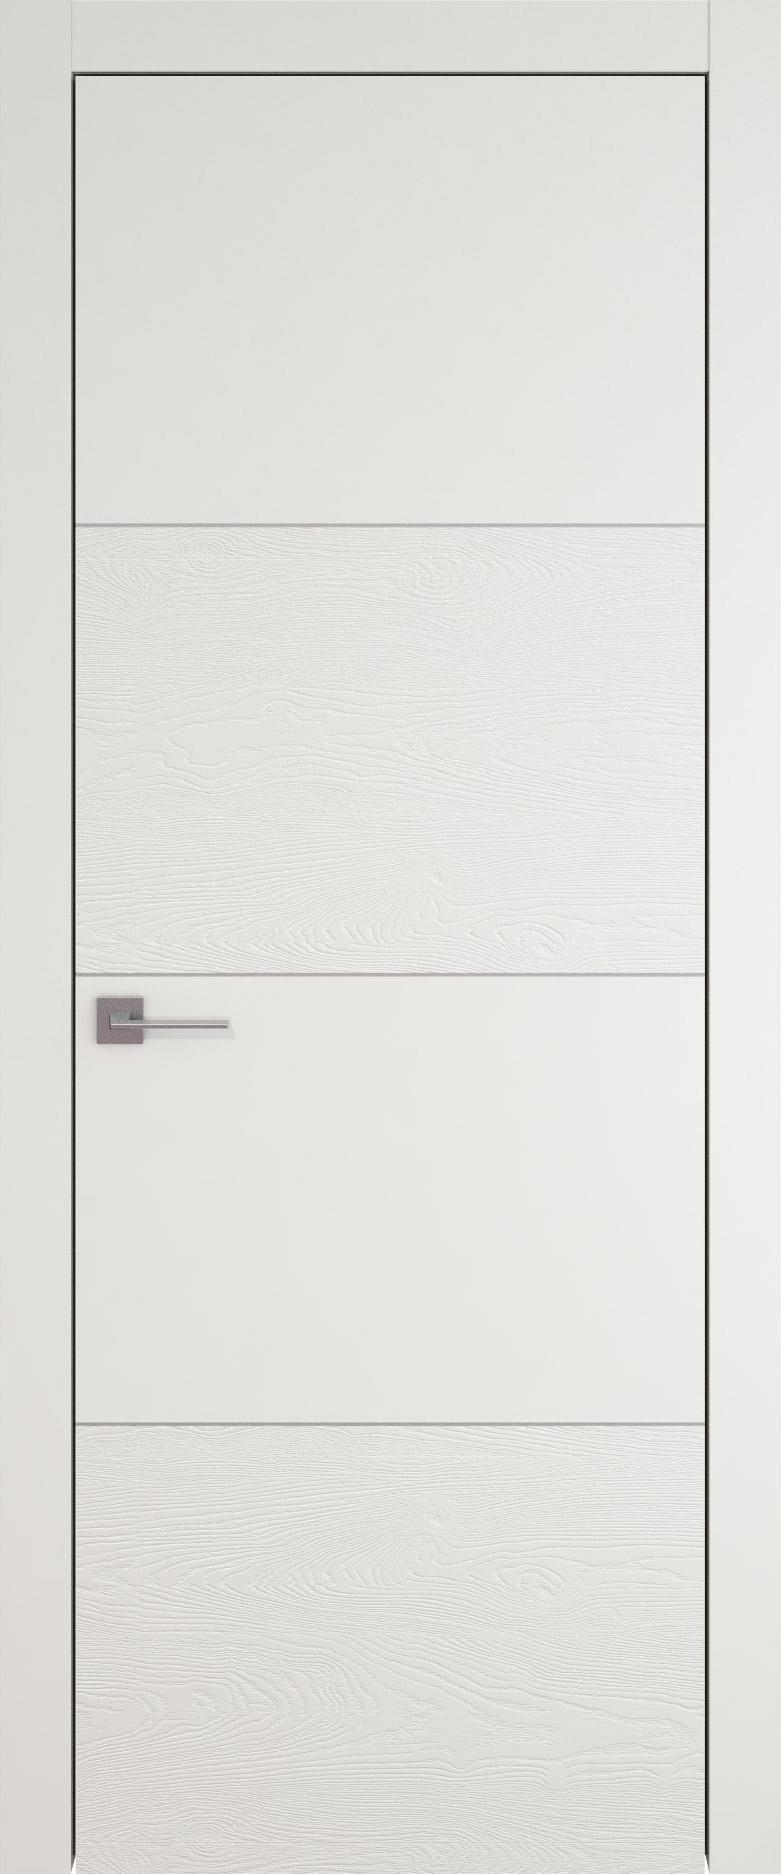 Tivoli Г-2 цвет - Бежевая эмаль-эмаль по шпону (RAL 9010) Без стекла (ДГ)